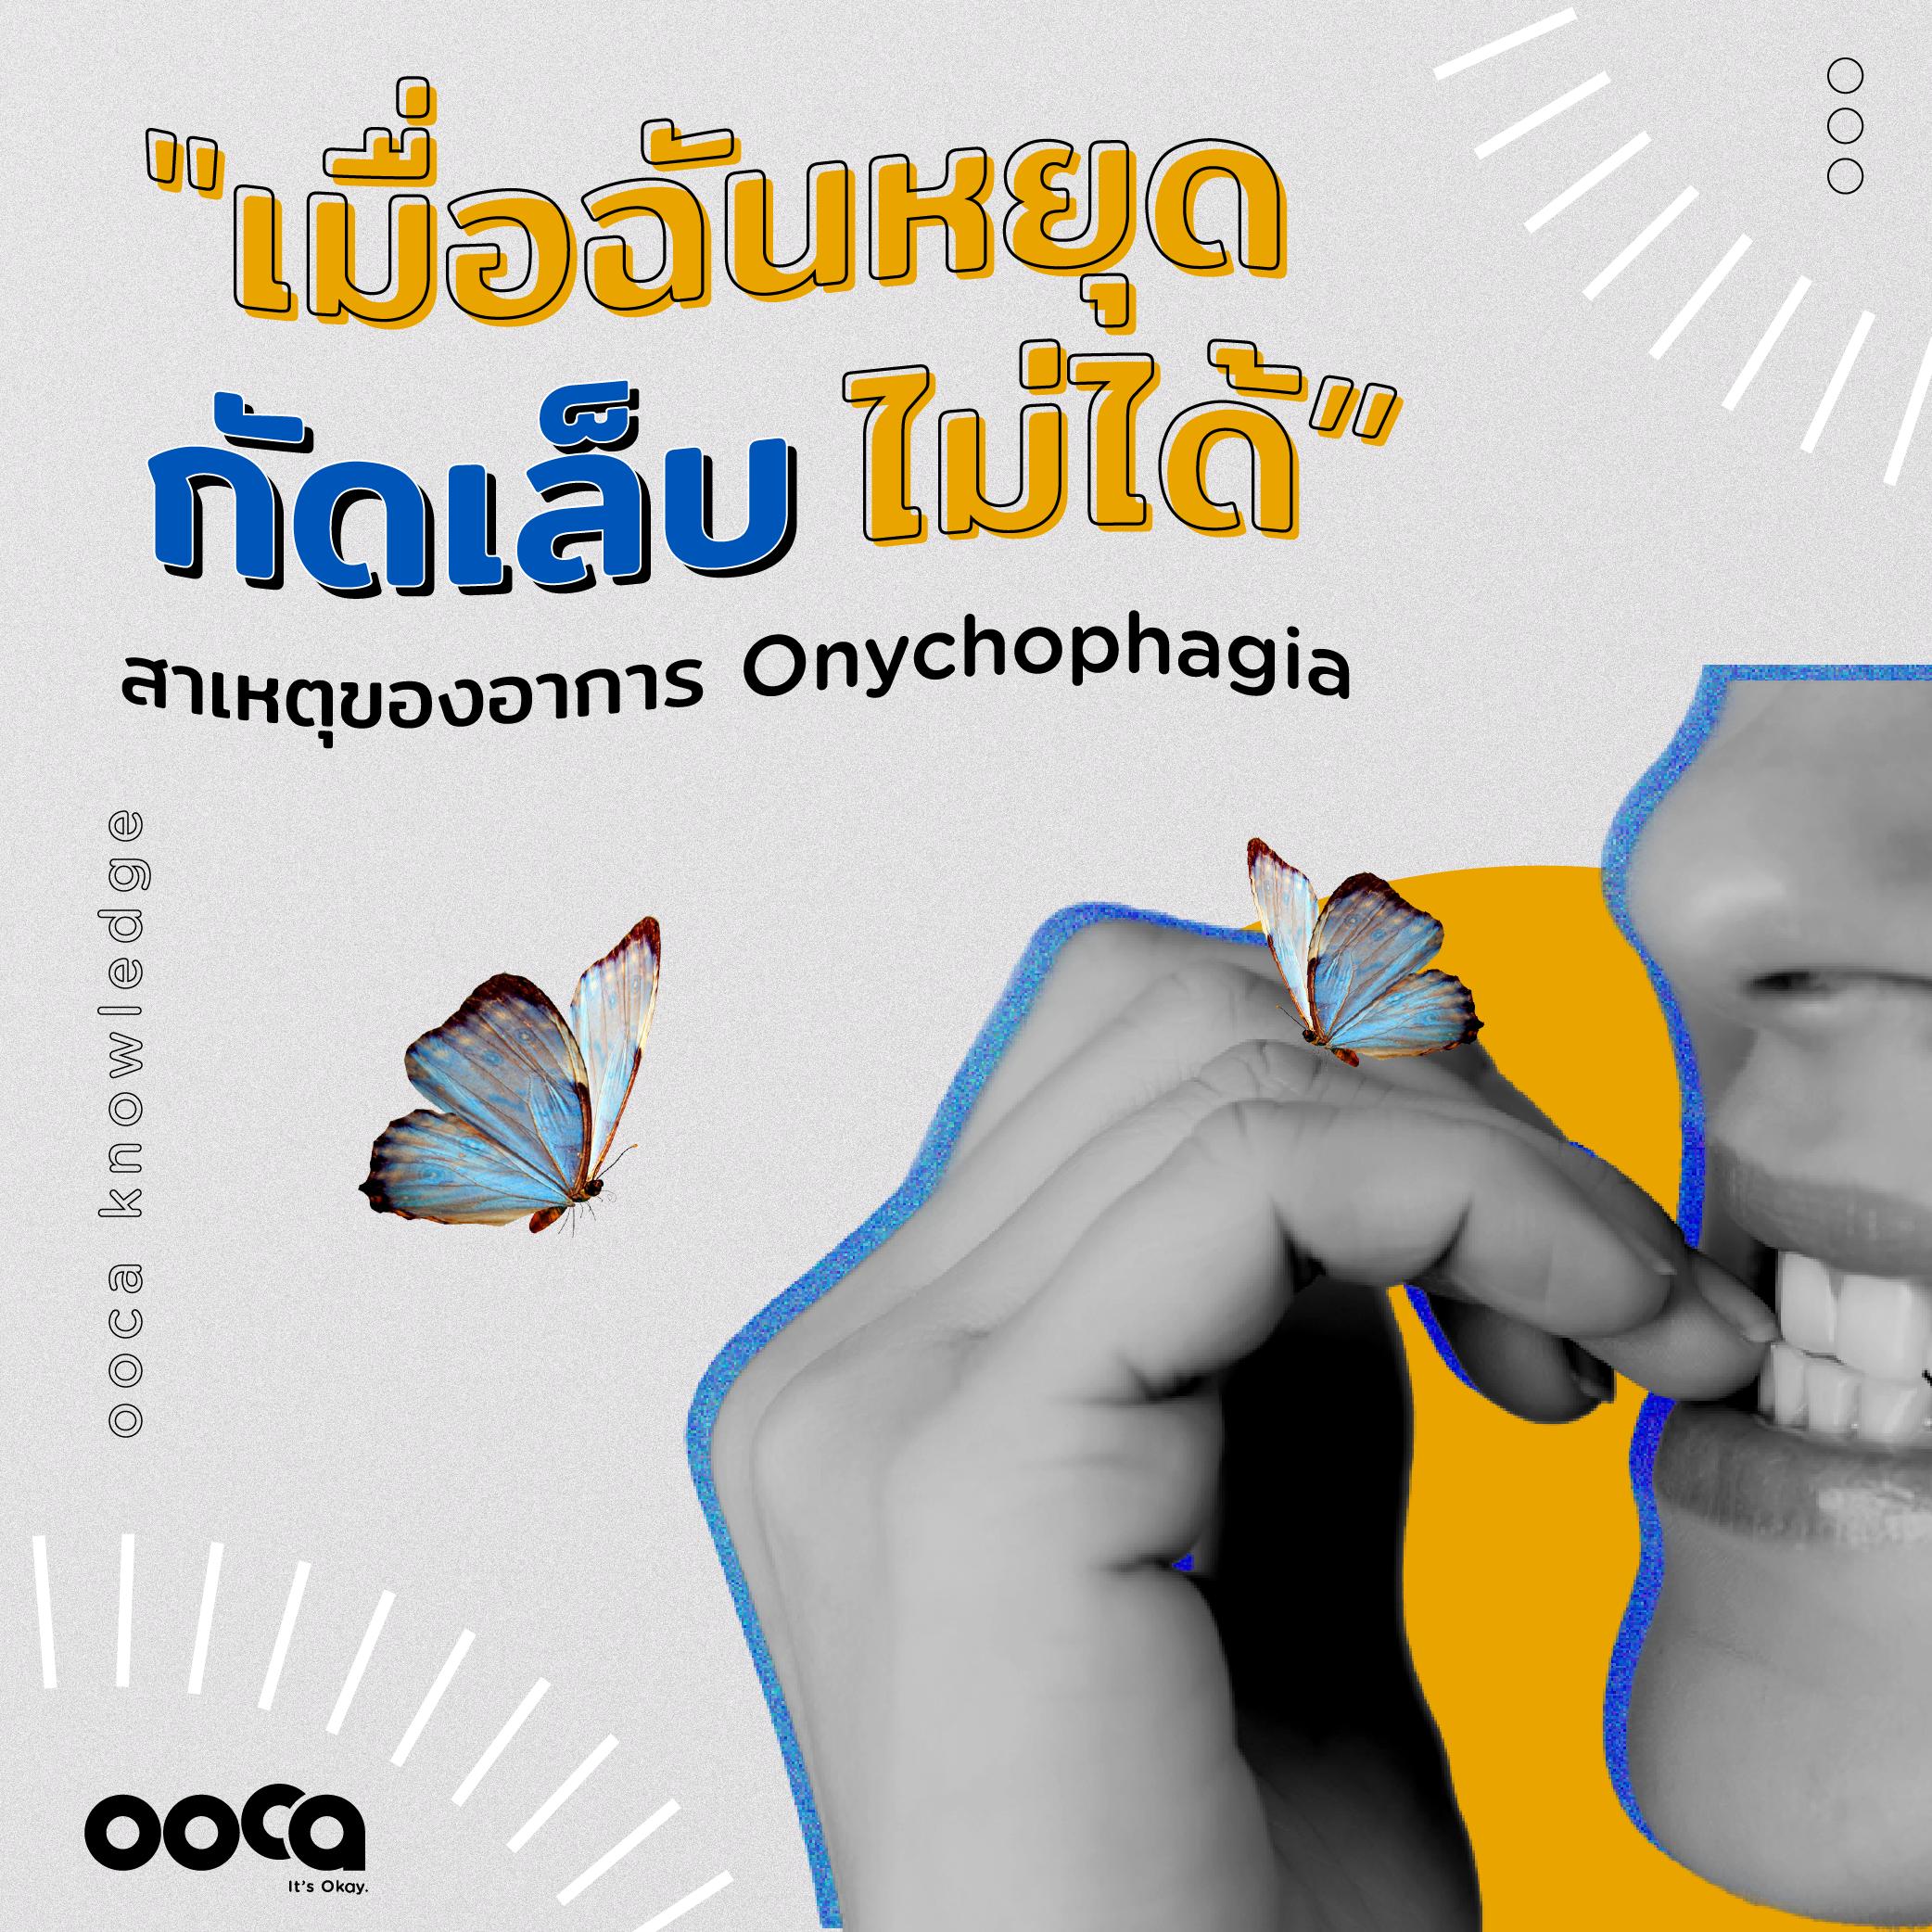 ทำไมชอบกัดเล็บ Onychophagia คืออะไร โรคกัดเล็บ